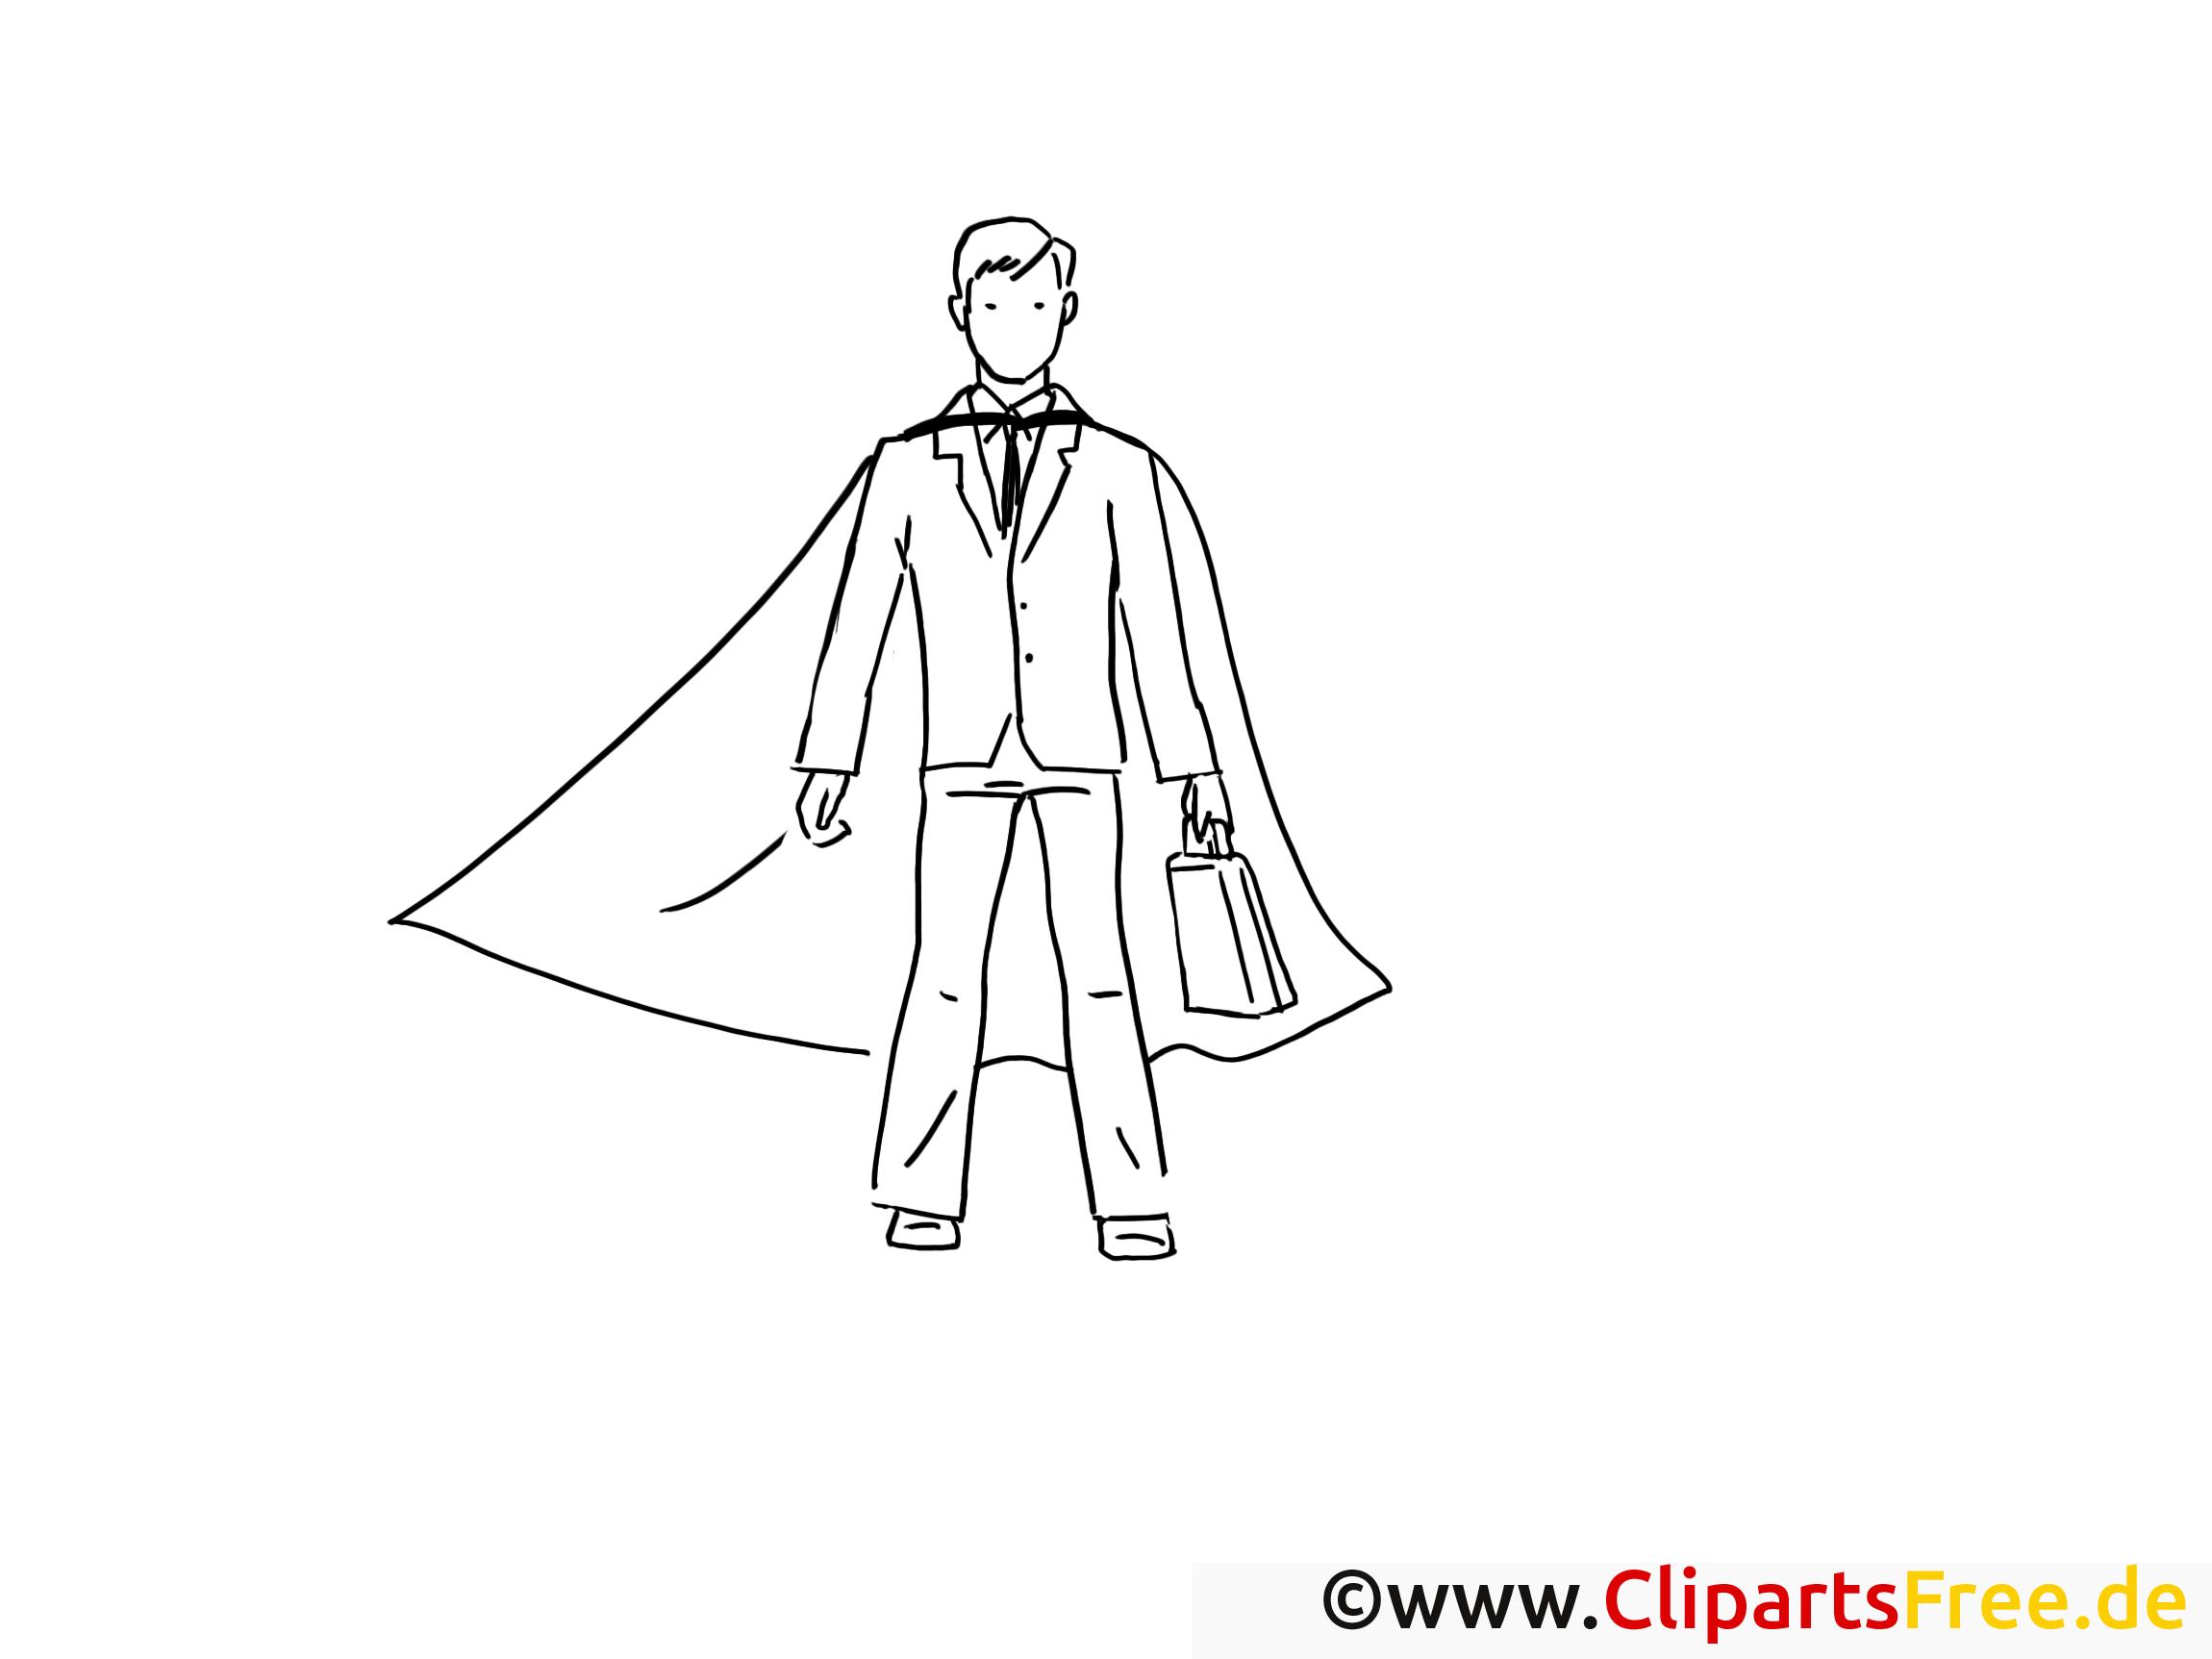 Superman clipart – Travail dessins à colorier